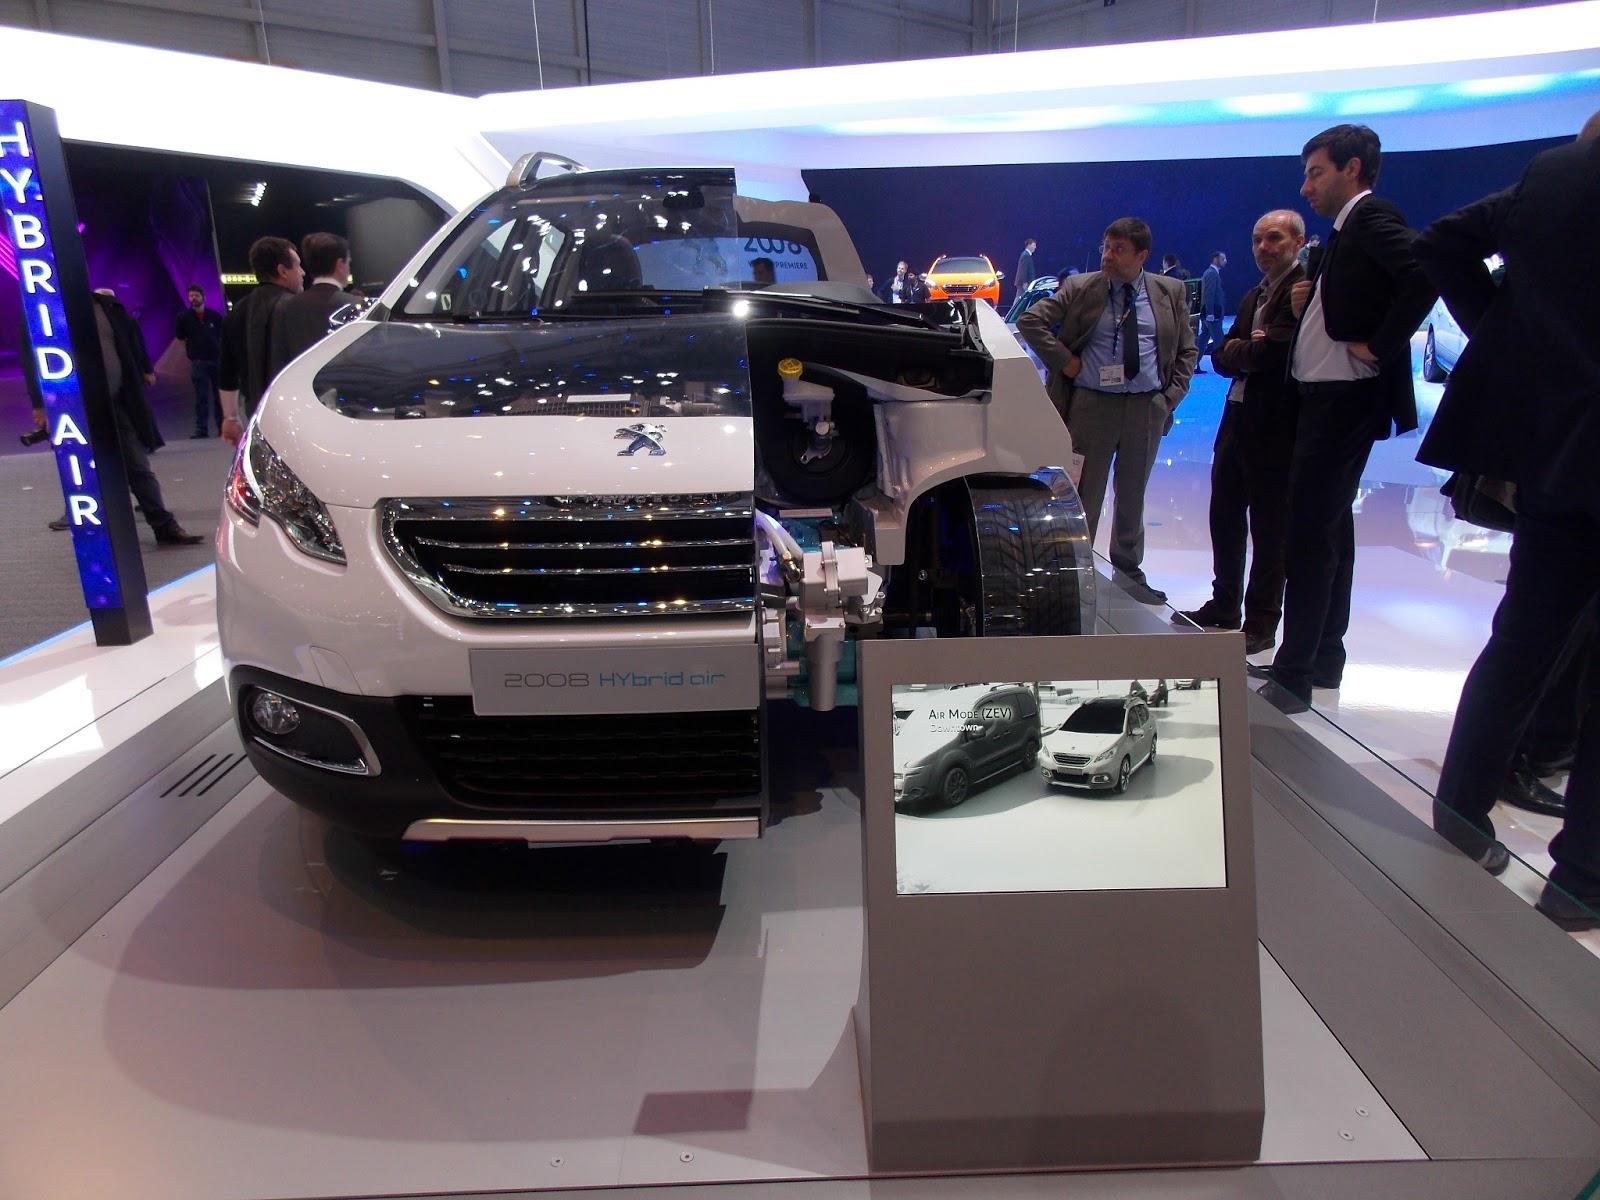 voiture du futur  retour sur la technologie hybrid air de psa  u00e0 gen u00e8ve